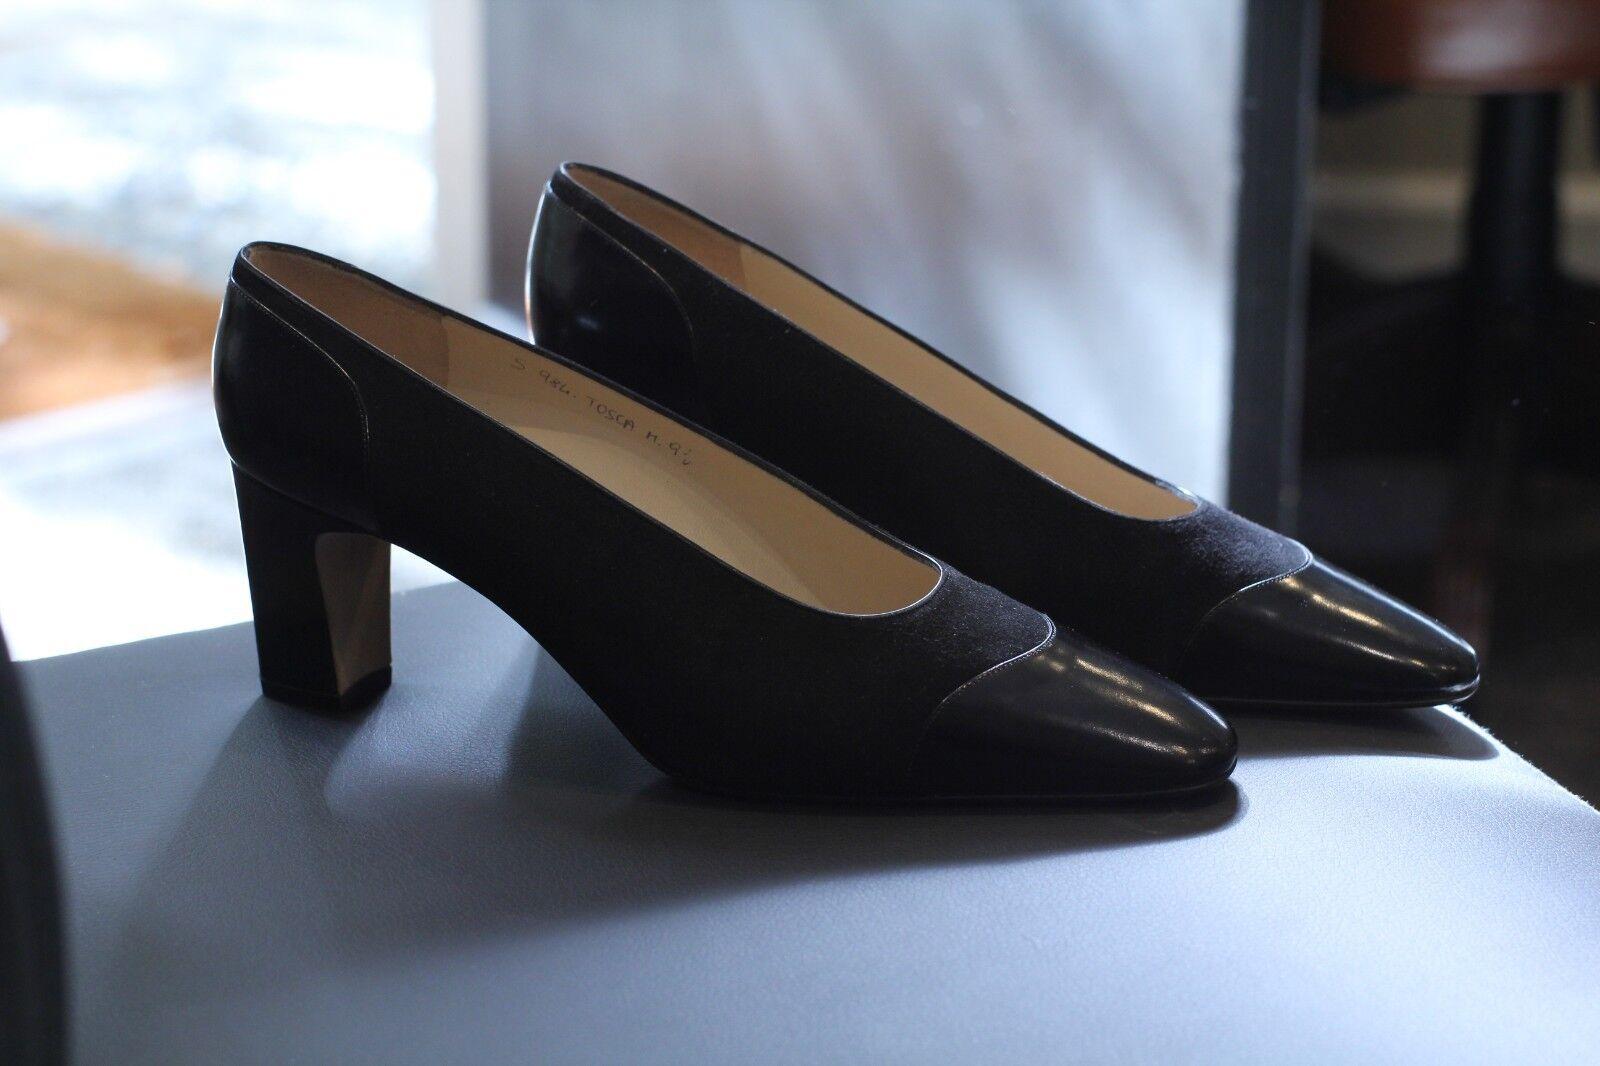 Sylvia Fiorentina Resbalón en Zapatos Zapatos Zapatos del diseñador Bombas De Gamuza Negra Hecha En Italia Talla 9.5  estilo clásico